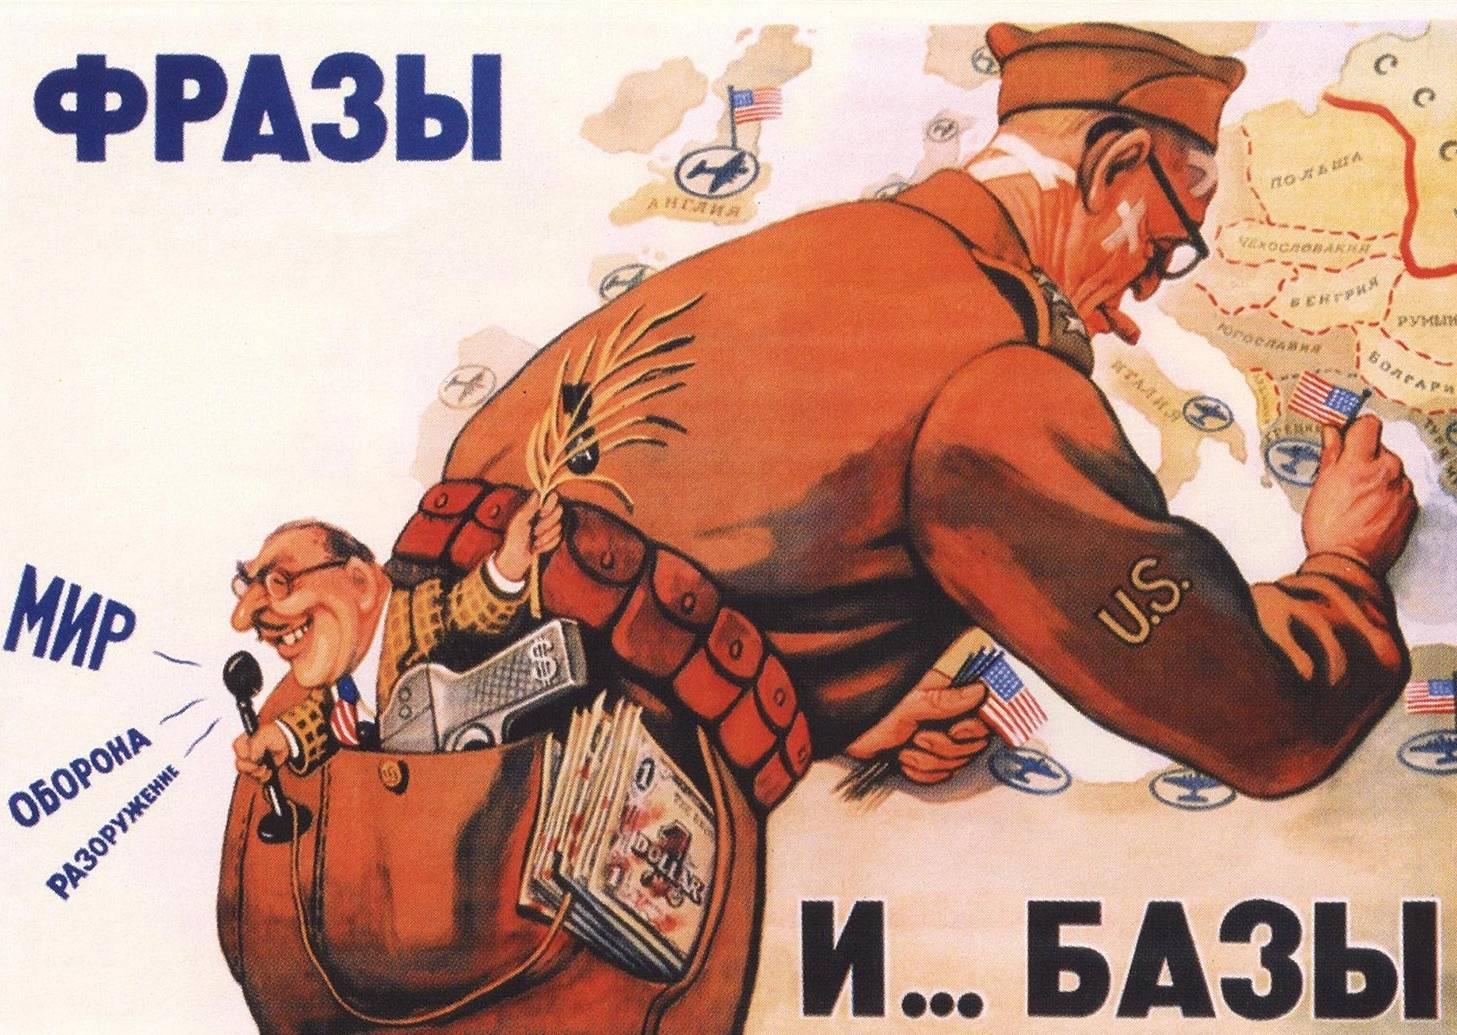 Виктор Говорков. Фразы и базы. 1952